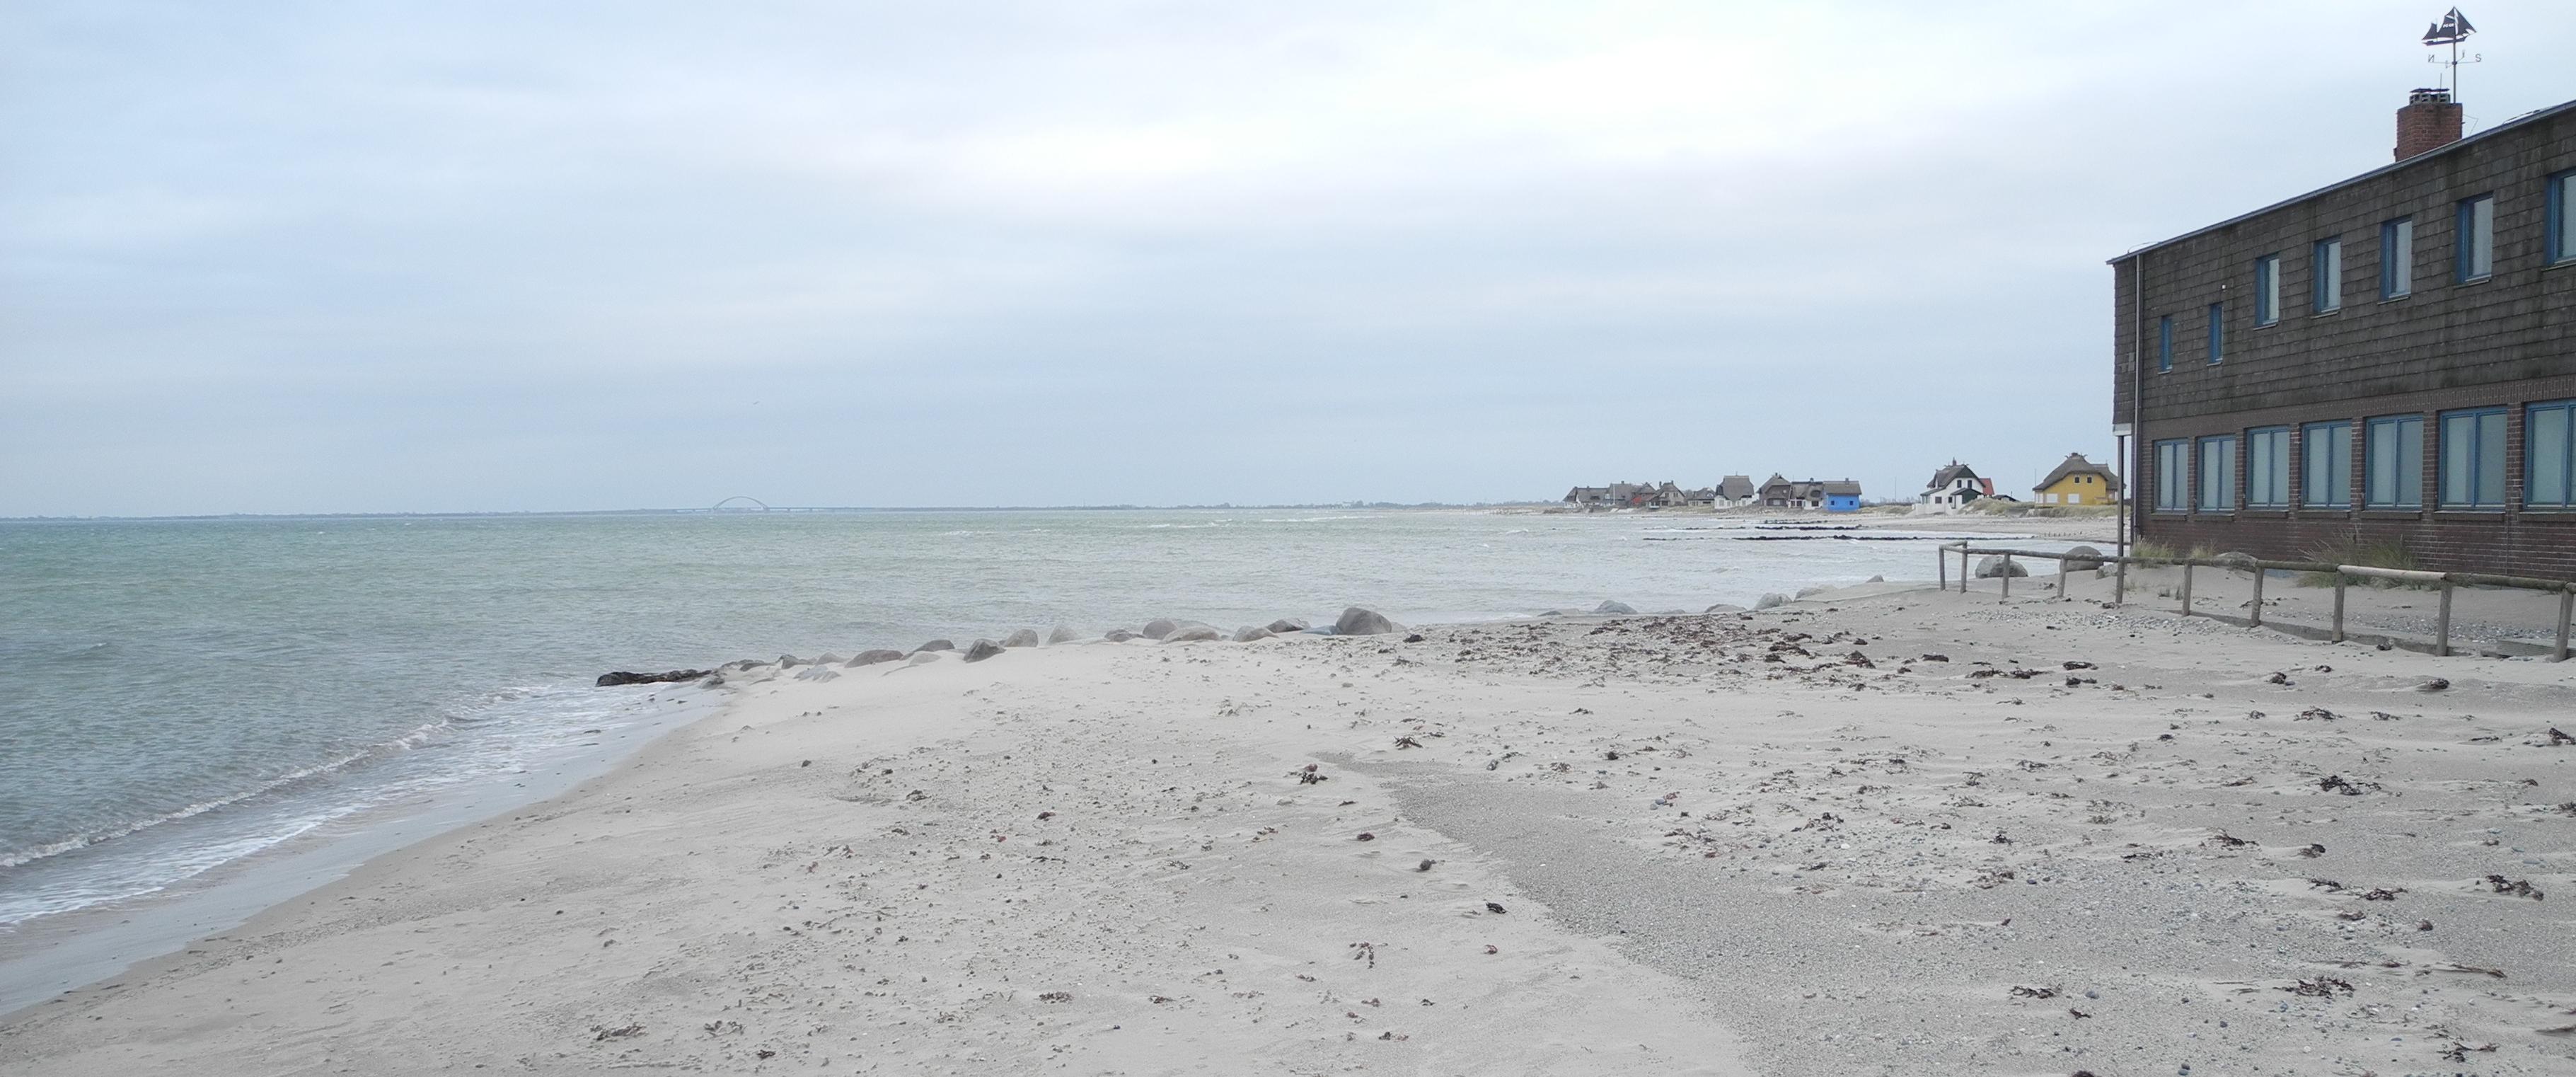 Seit über 30 Jahren eine stabile Situation, mit Sandstrand im Stauwasserbereich nach Westen